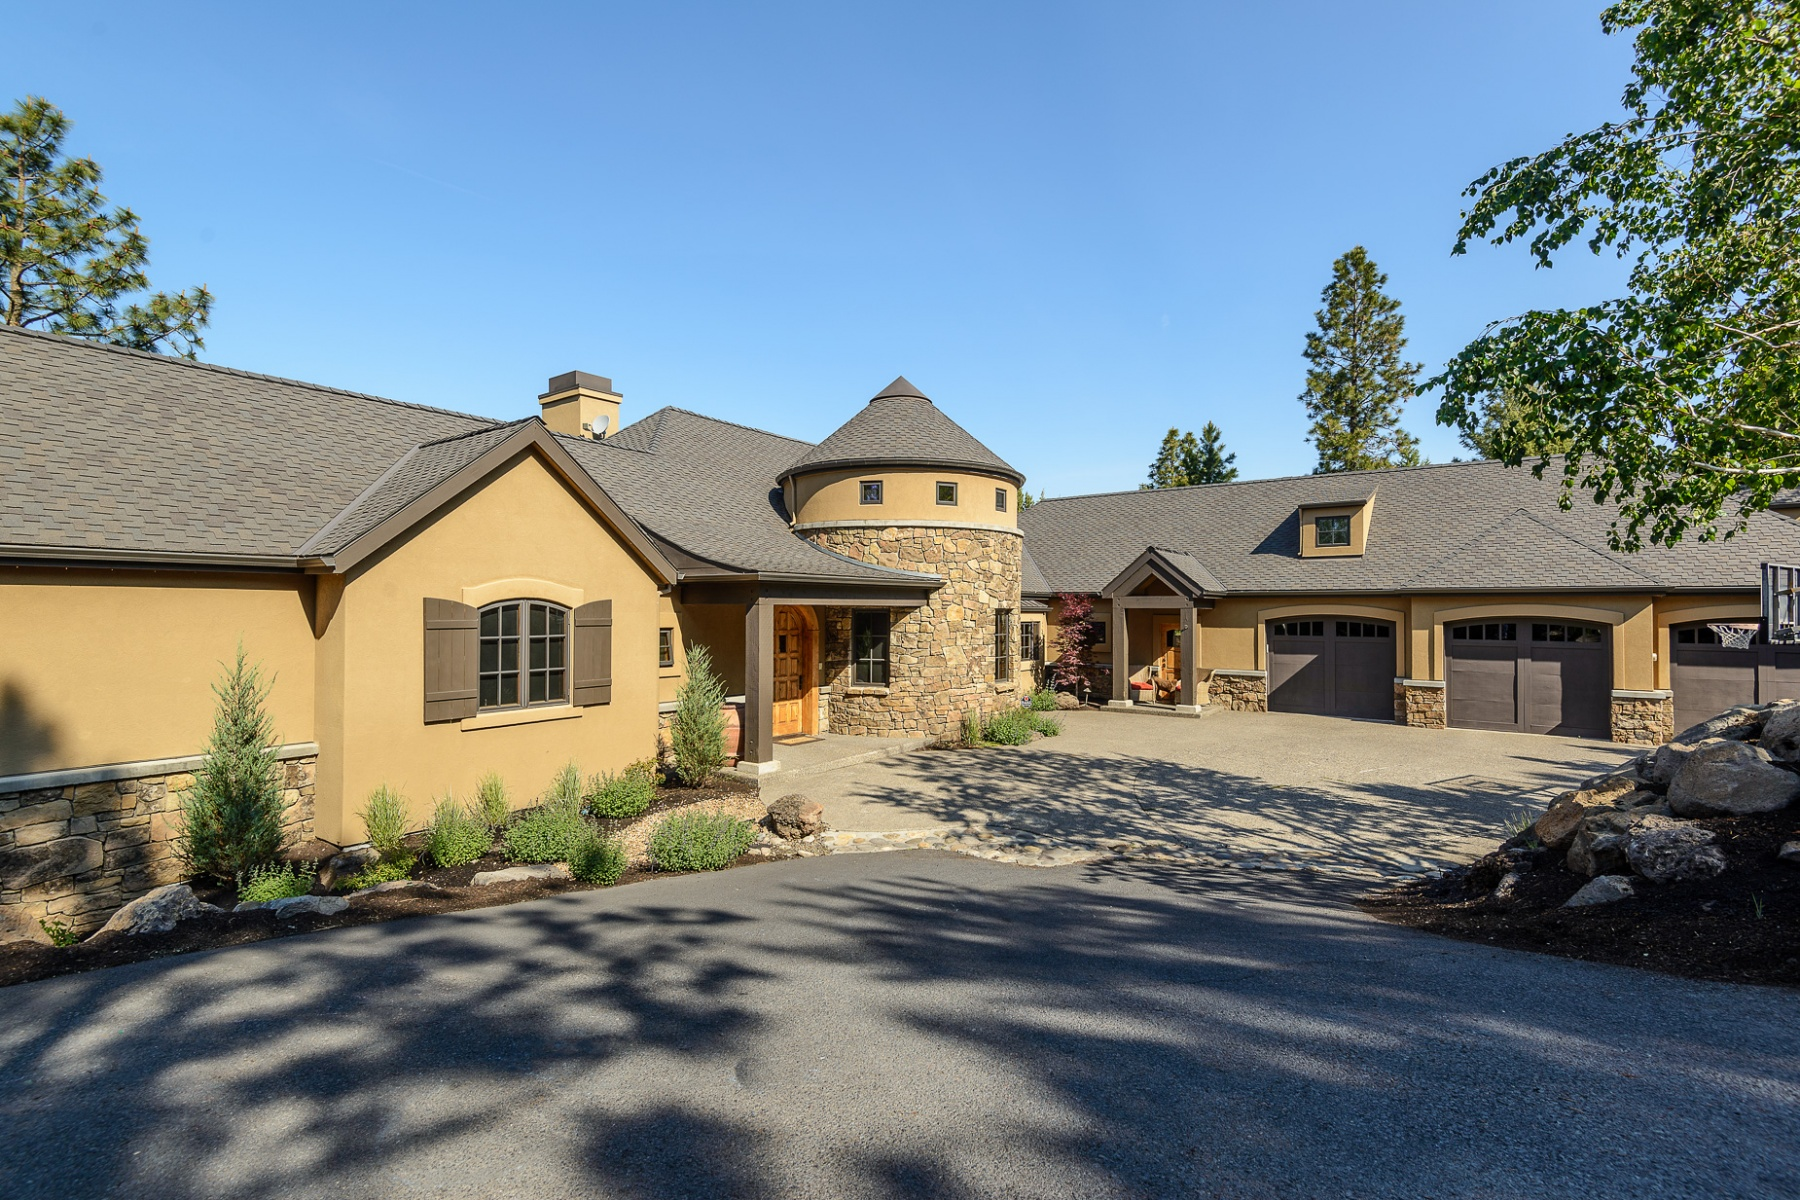 Maison unifamiliale pour l Vente à 2981 NW Starview Drive, BEND Bend, Oregon, 97703 États-Unis